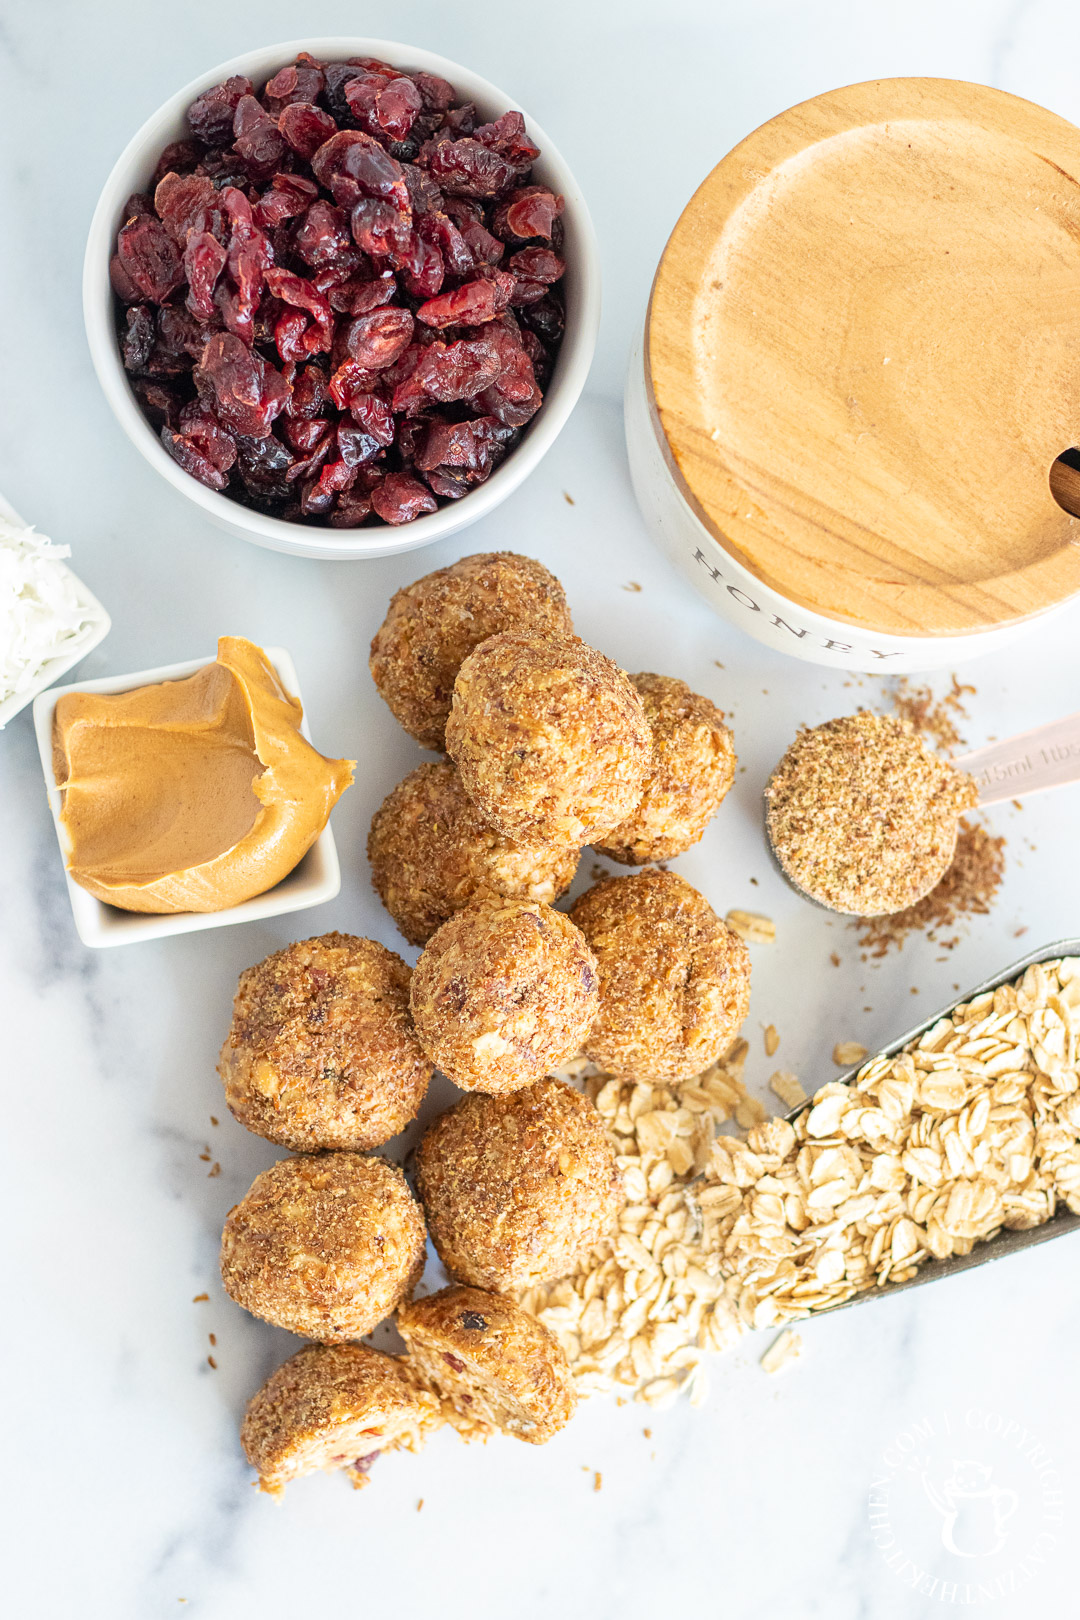 Honey Oat Power Balls ingredients